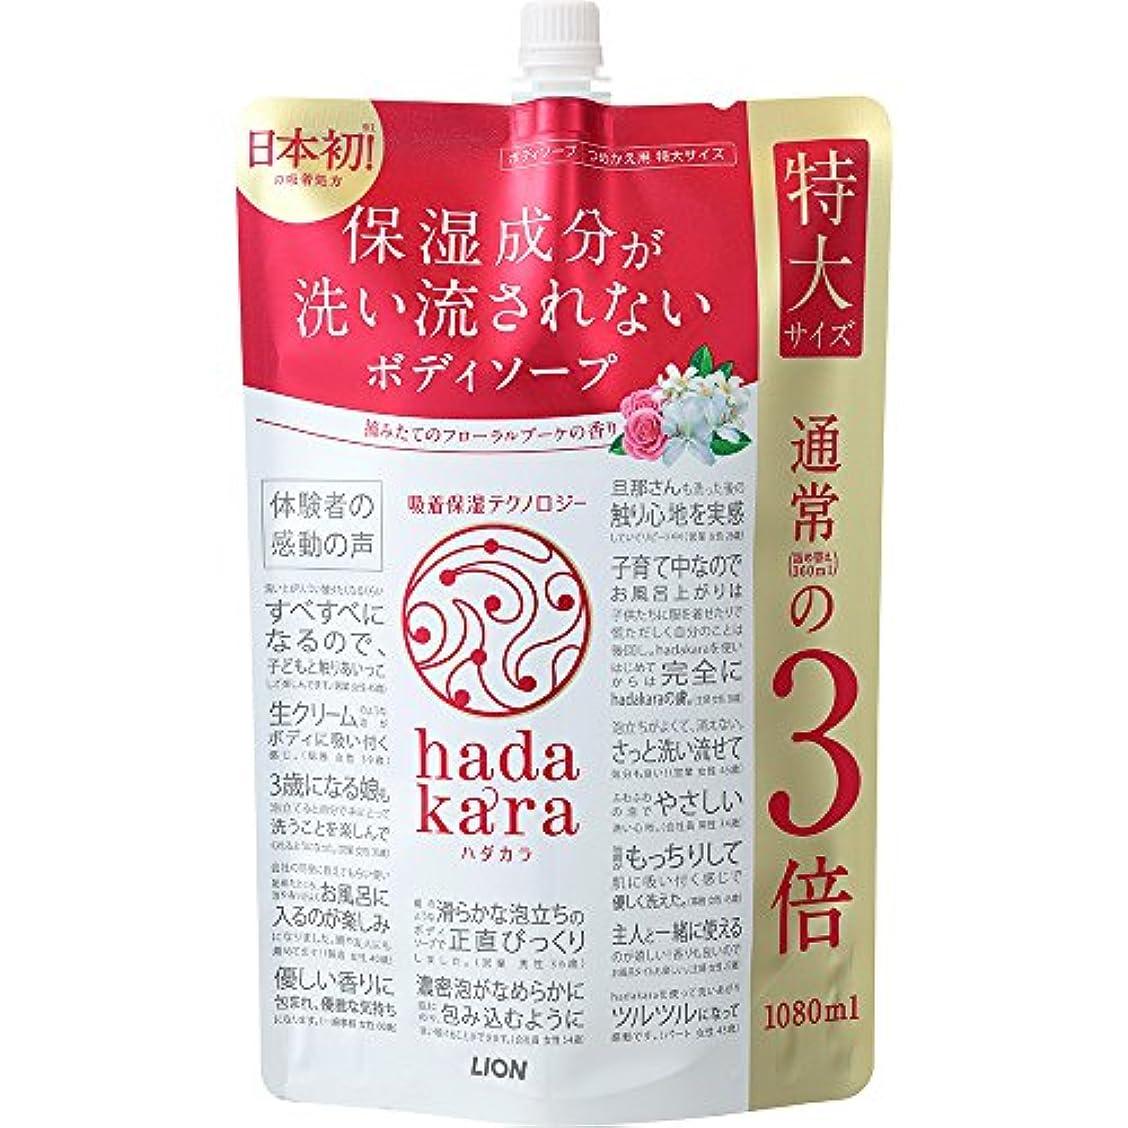 驚きポジティブ着る【大容量】hadakara(ハダカラ) ボディソープ フローラルブーケの香り 詰め替え 特大 1080ml